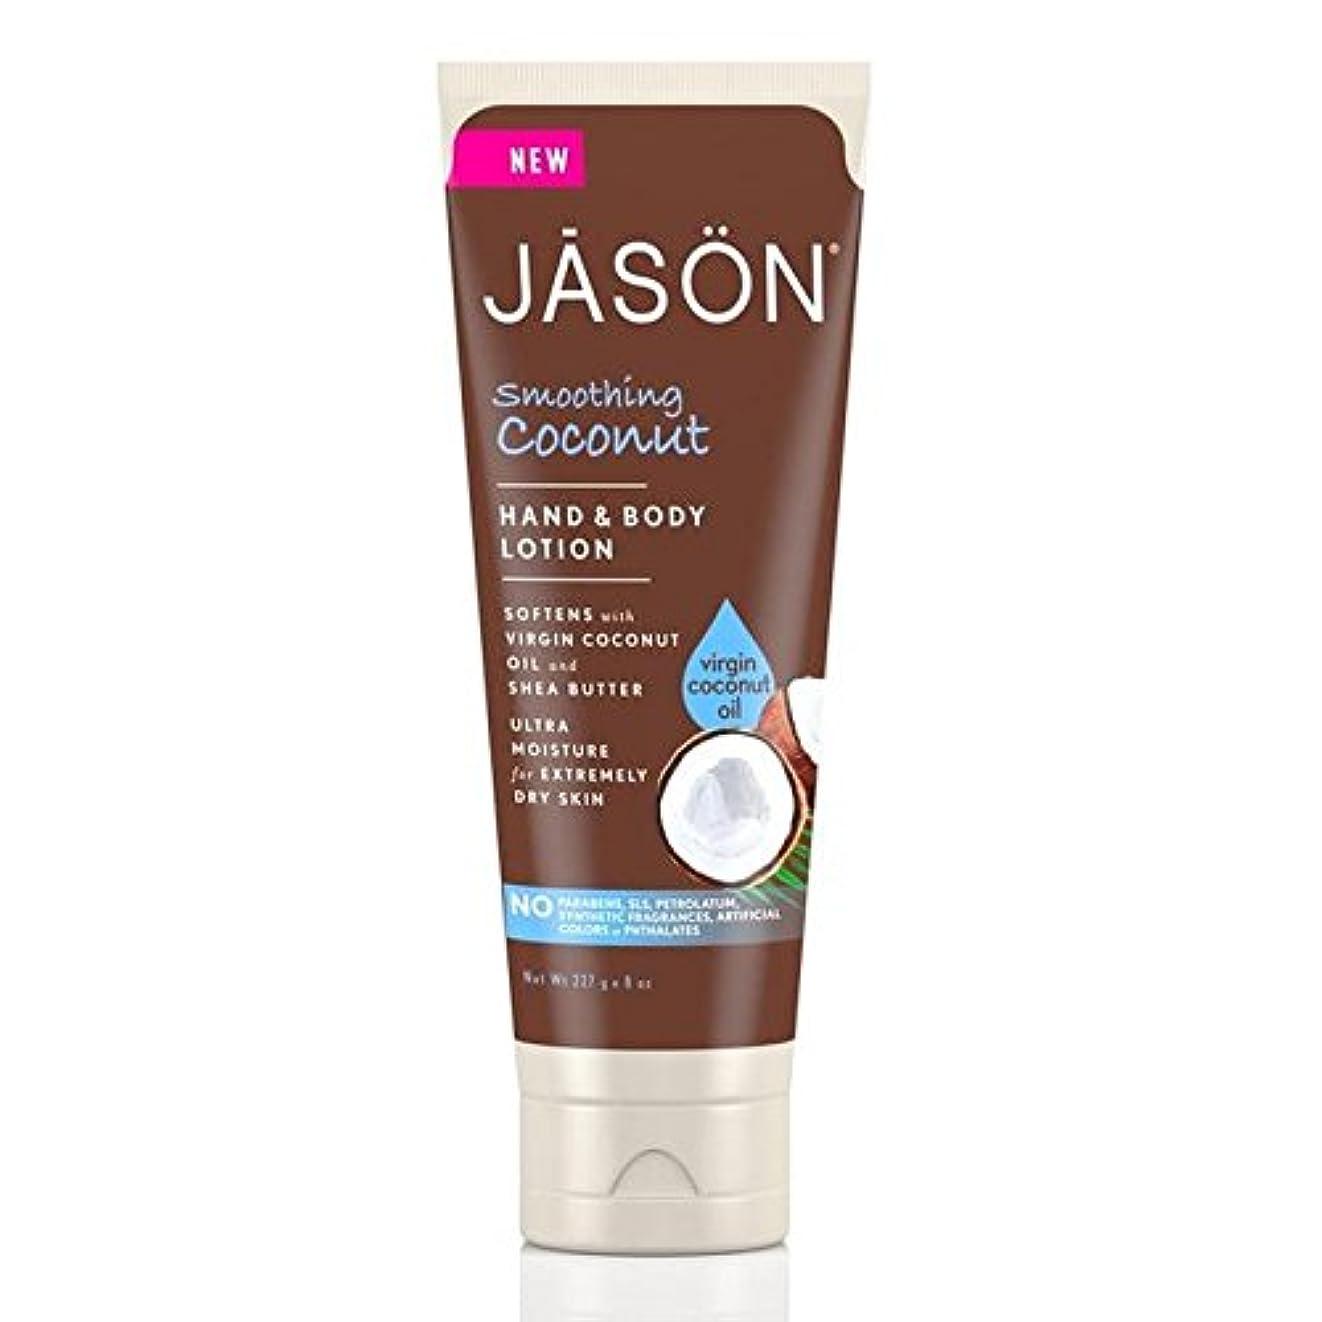 機会黙認するに話すJason Coconut Hand & Body Lotion 227g - ジェイソン?ココナッツハンド&ボディローション227グラム [並行輸入品]